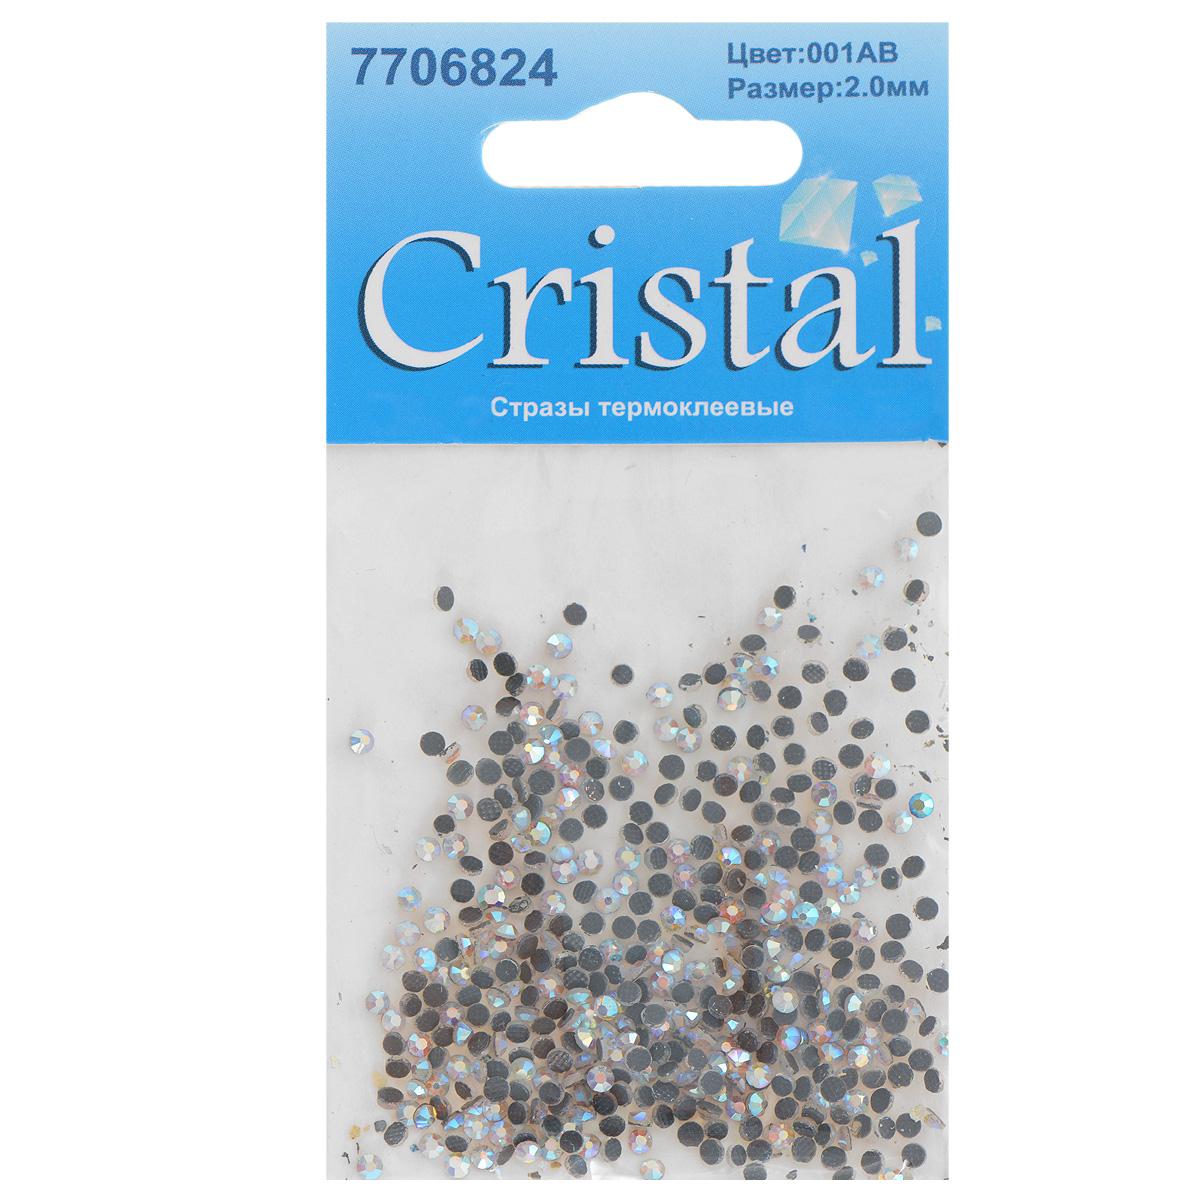 Стразы термоклеевые Cristal, цвет: белый (001АВ), диаметр 2 мм, 432 штC0038550Набор термоклеевых страз Cristal, изготовленный из высококачественного акрила, позволит вам украсить одежду, аксессуары или текстиль. Яркие стразы имеют плоское дно и круглую поверхность с гранями.Дно термоклеевых страз уже обработано особым клеем, который под воздействием высоких температур начинает плавиться, приклеиваясь, таким образом, к требуемой поверхности. Чаще всего их используют в текстильной промышленности: стразы прикладывают к ткани и проглаживают утюгом с обратной стороны. Также можно использовать специальный паяльник. Украшение стразами поможет сделать любую вещь оригинальной и неповторимой. Диаметр страз: 2 мм.